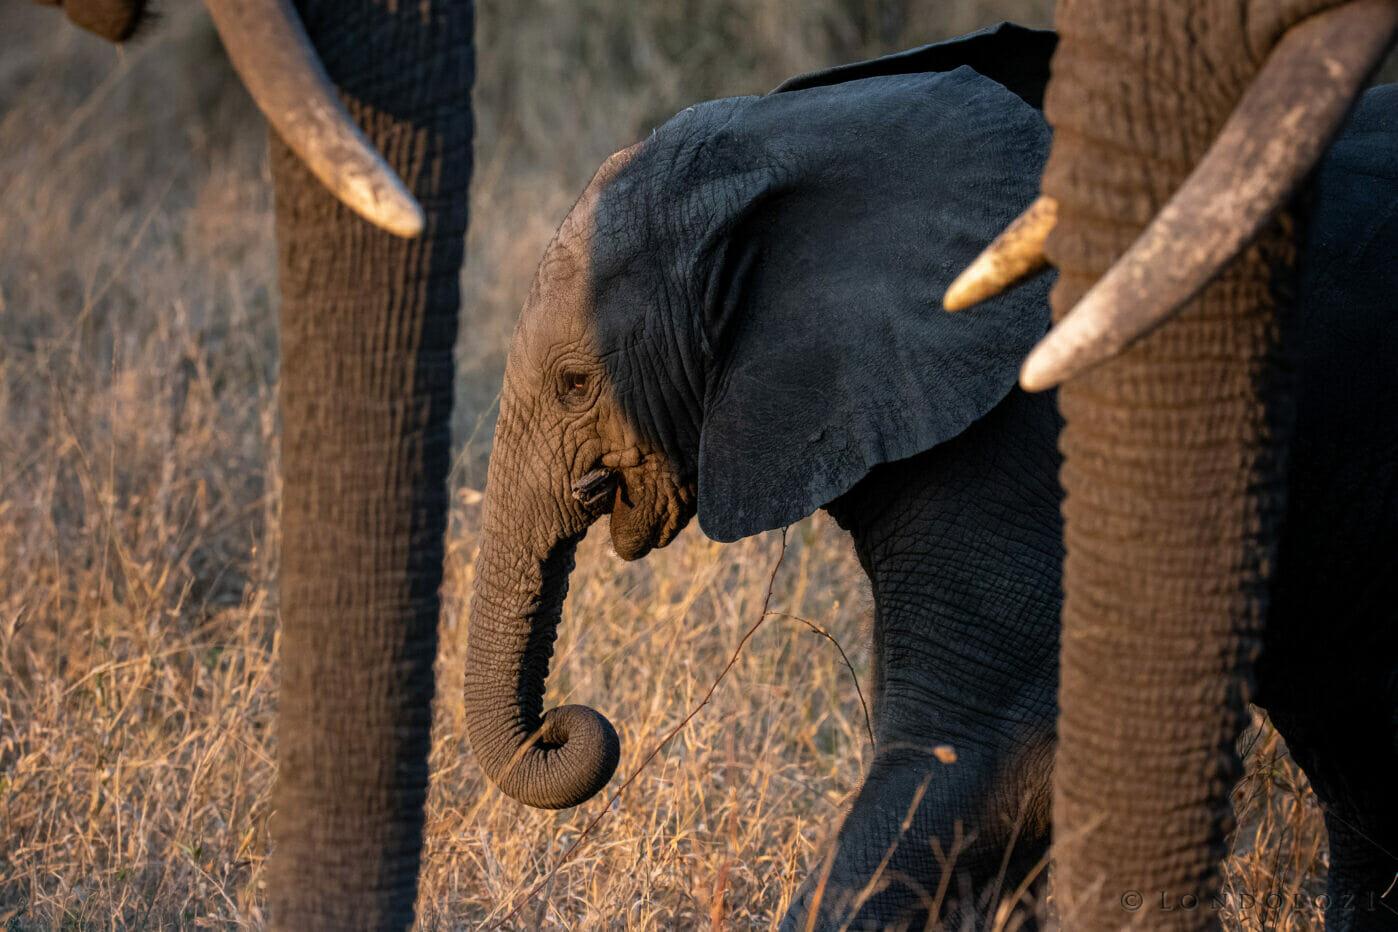 Dlr Dean De La Rey 06 21 Elephant Calf